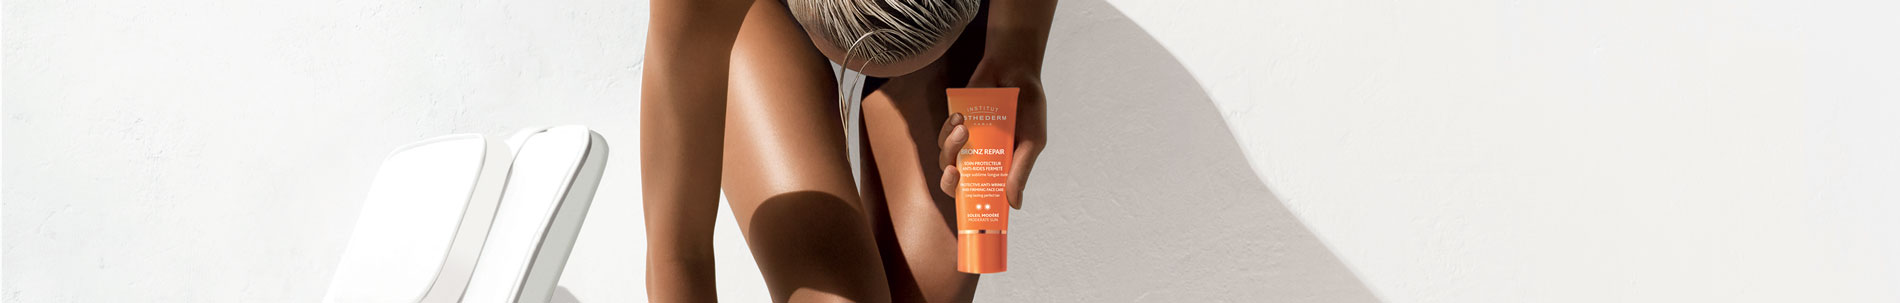 crème solaire, autobronzant, soins solaires esthederm